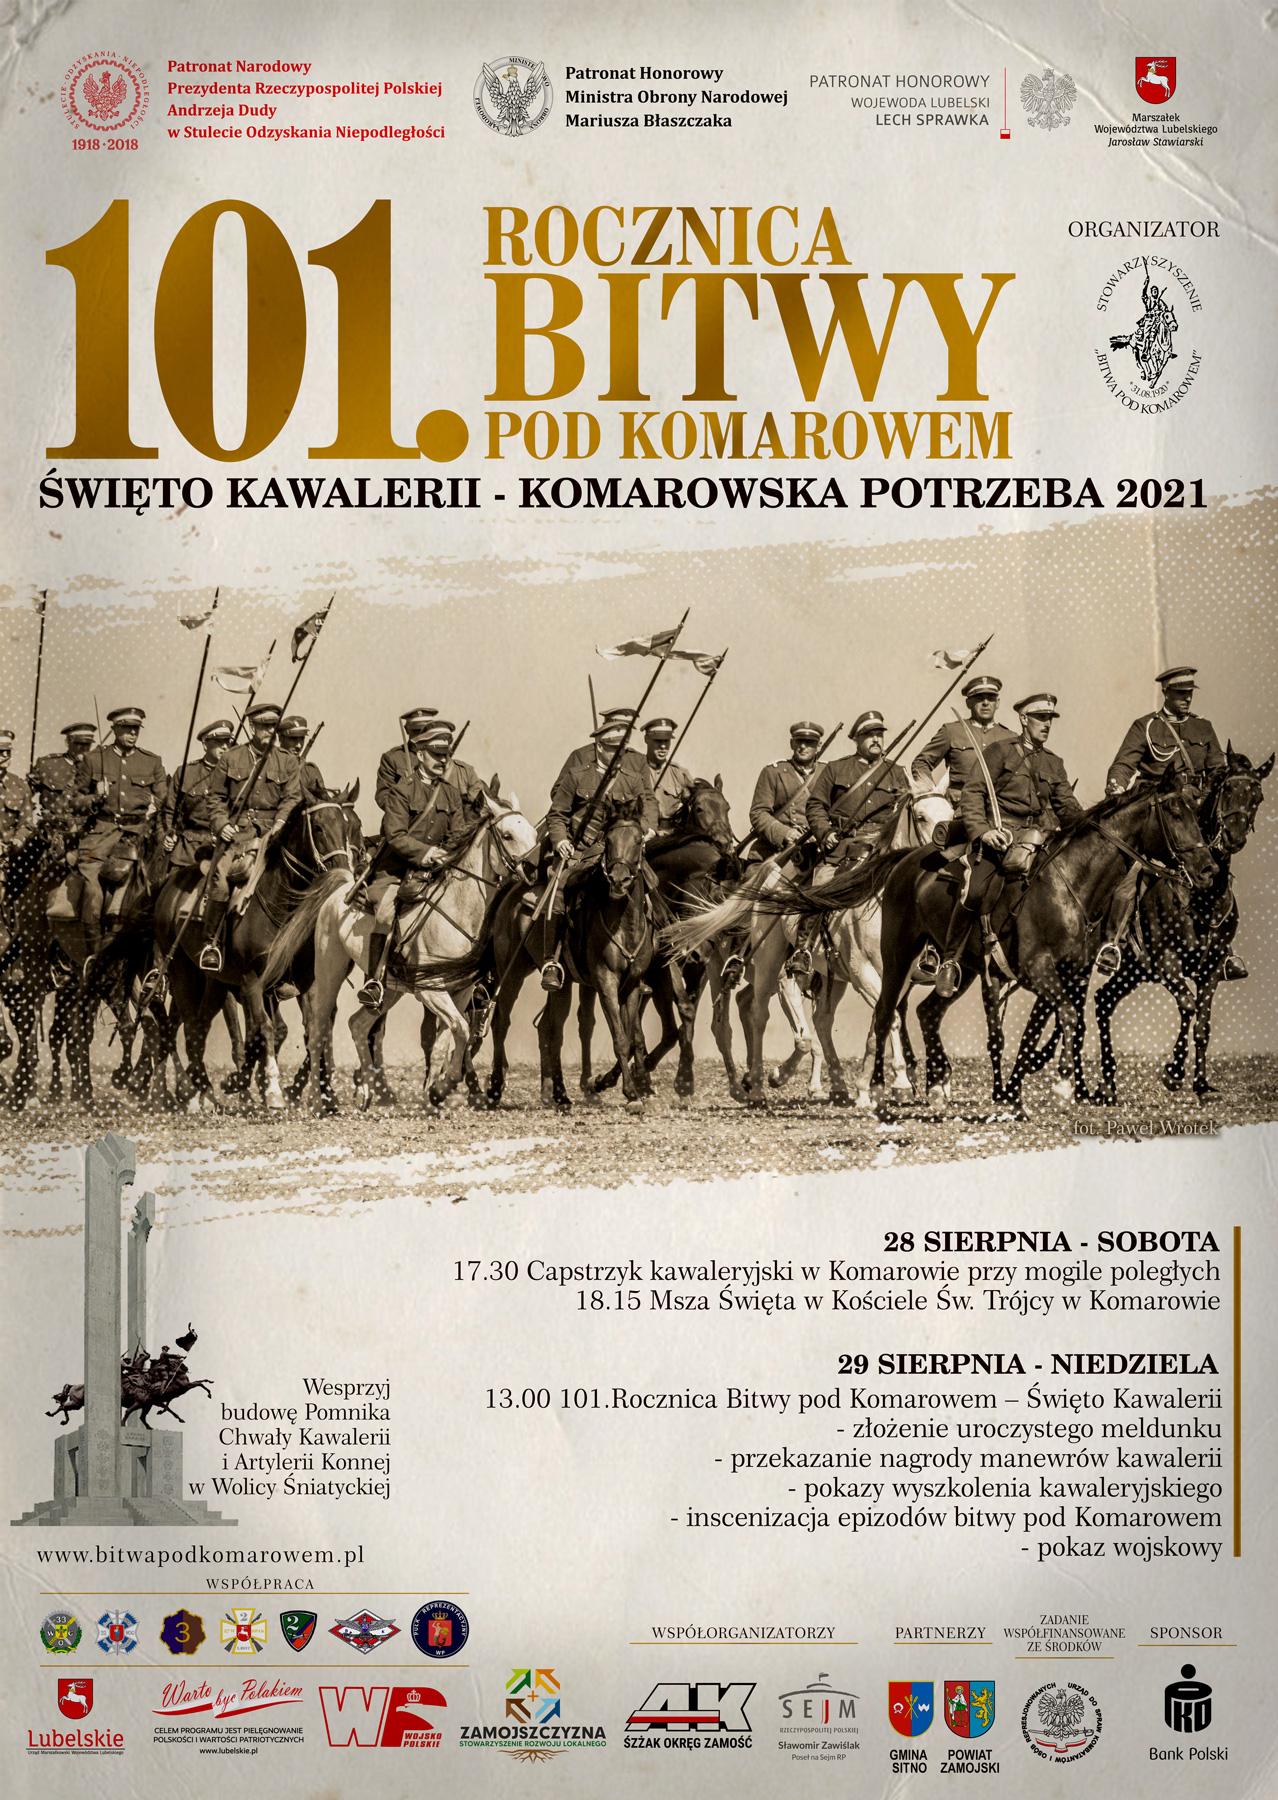 komarow 2021 plakat ost Zbliża się 101. rocznica Bitwy pod Komarowem. Jak postepują prace przy budowie pomnika bitwy?